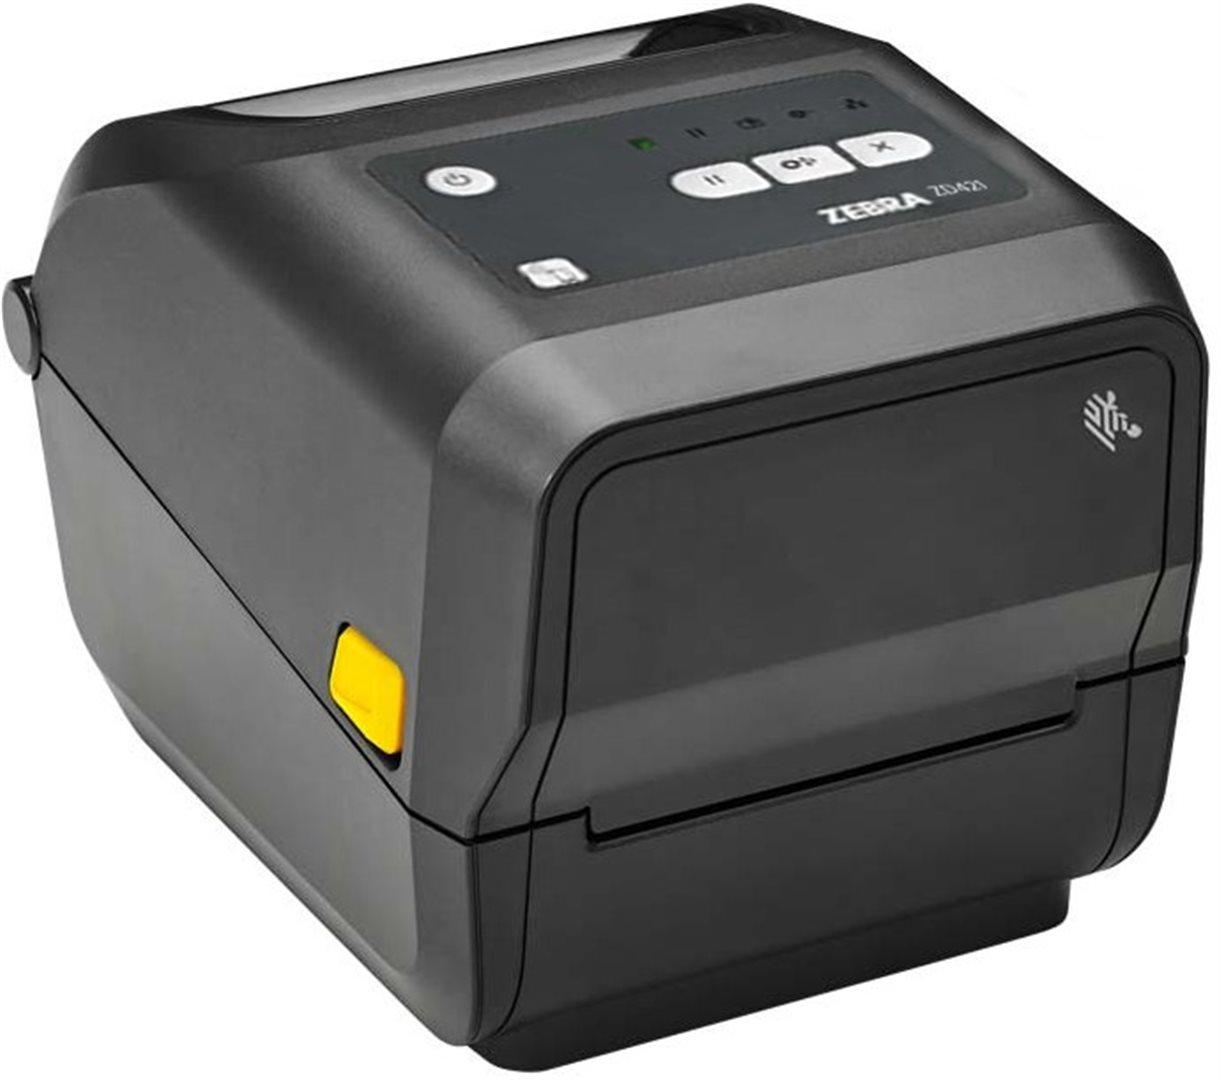 ZD421t - TT, 300 dpi, USB, Wi-Fi- BT - ZD4A043-30EW02EZ